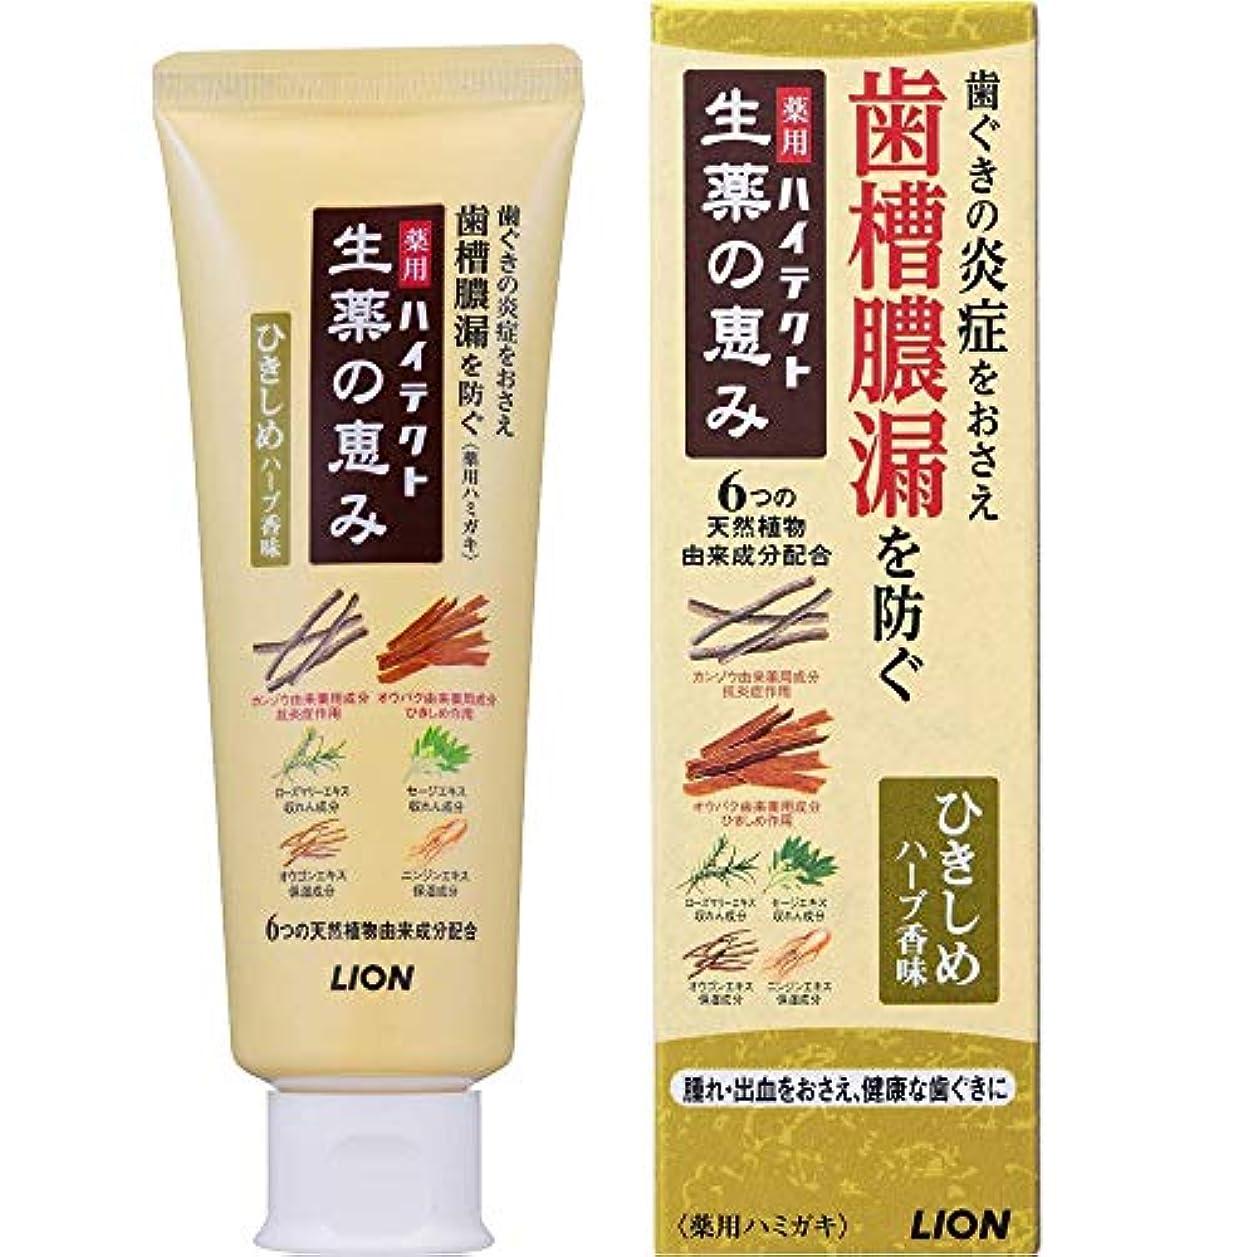 ギネス稼ぐ促す薬用ハイテクト生薬の恵み ひきしめハーブ香味 90g (医薬部外品)